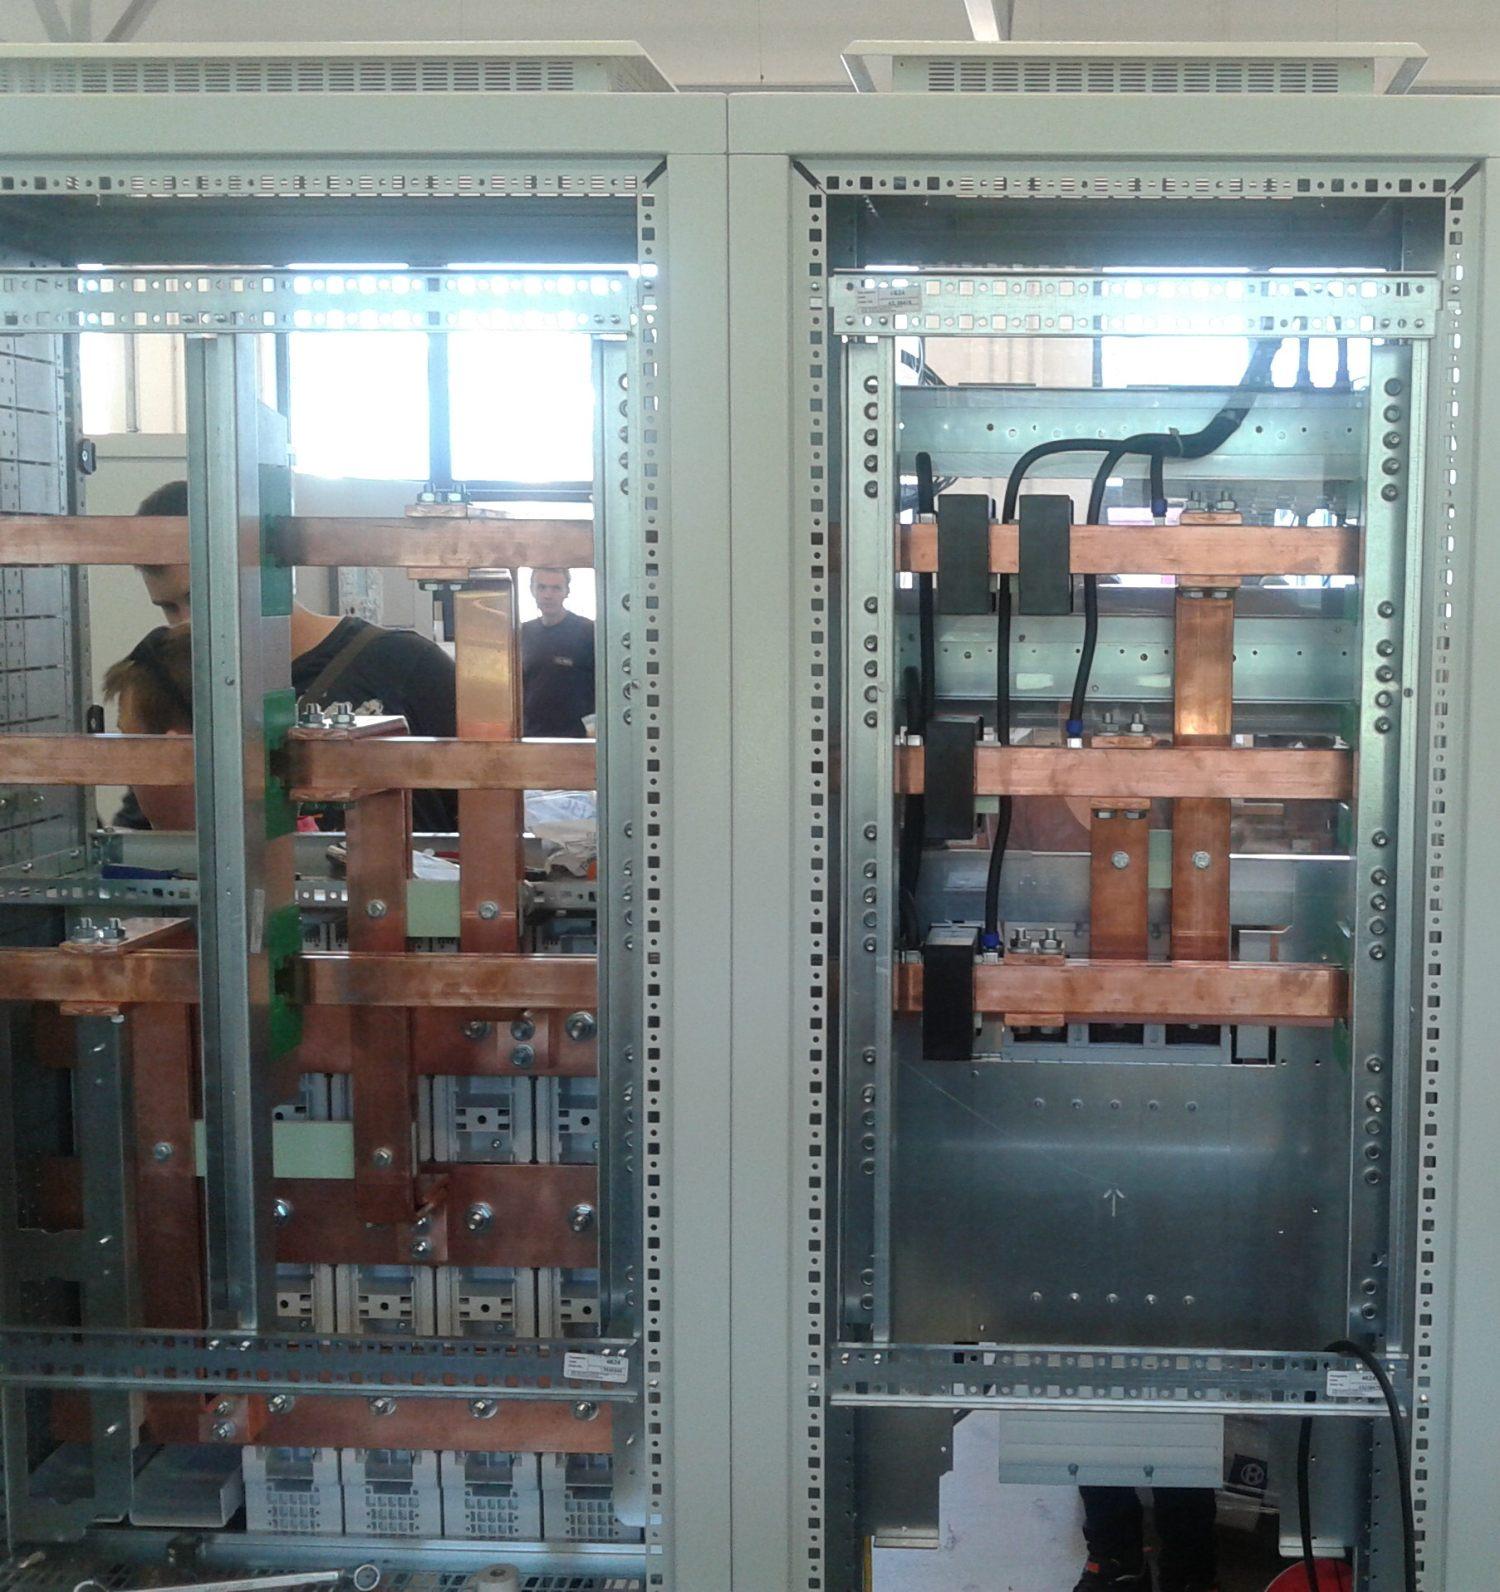 Exkurze na výrobu rozvaděčů ELMO